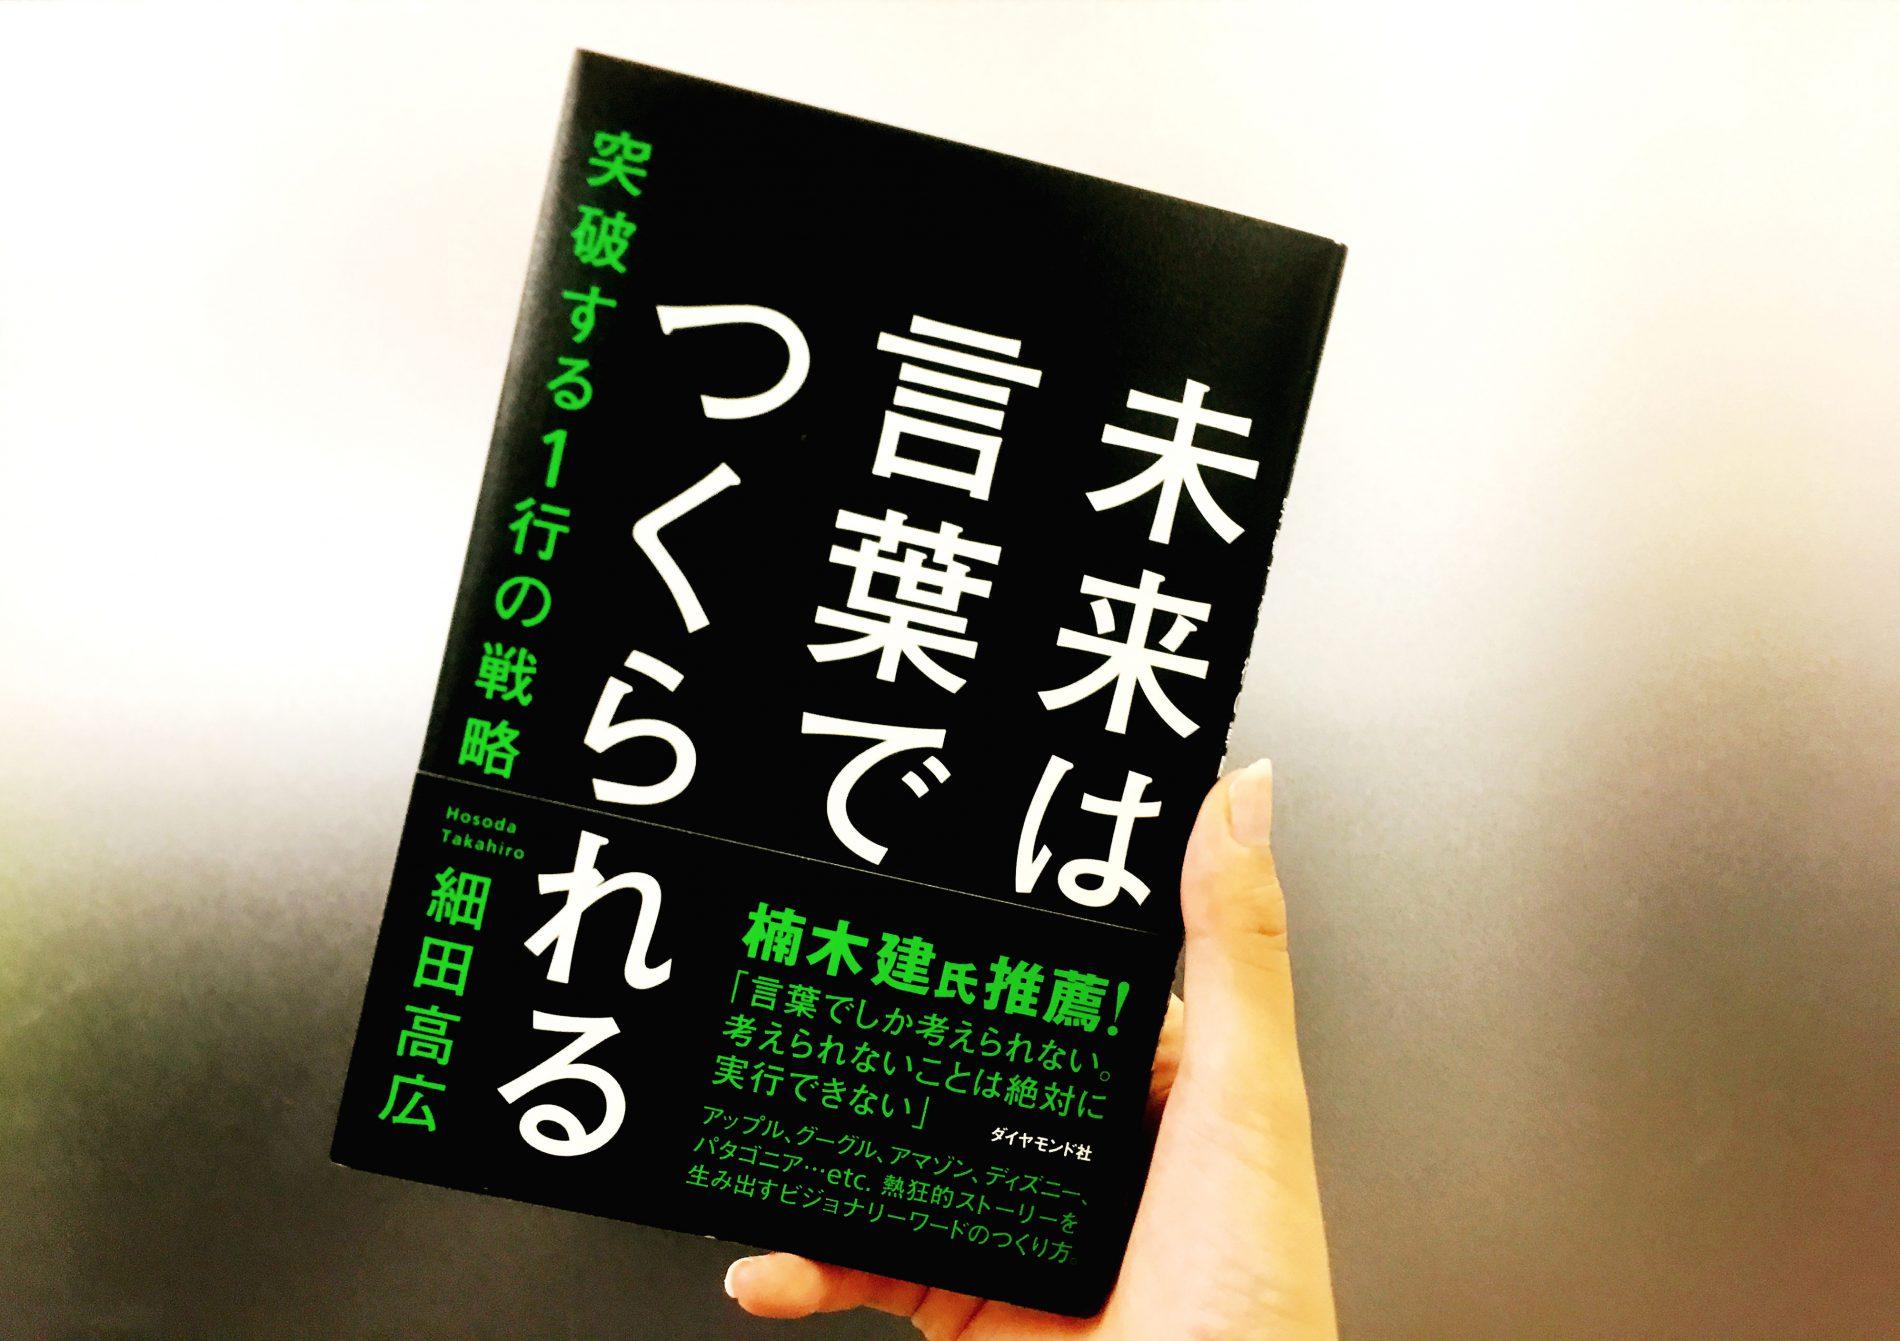 『未来は言葉でつくられる 突破する1行の戦略』を読んだ